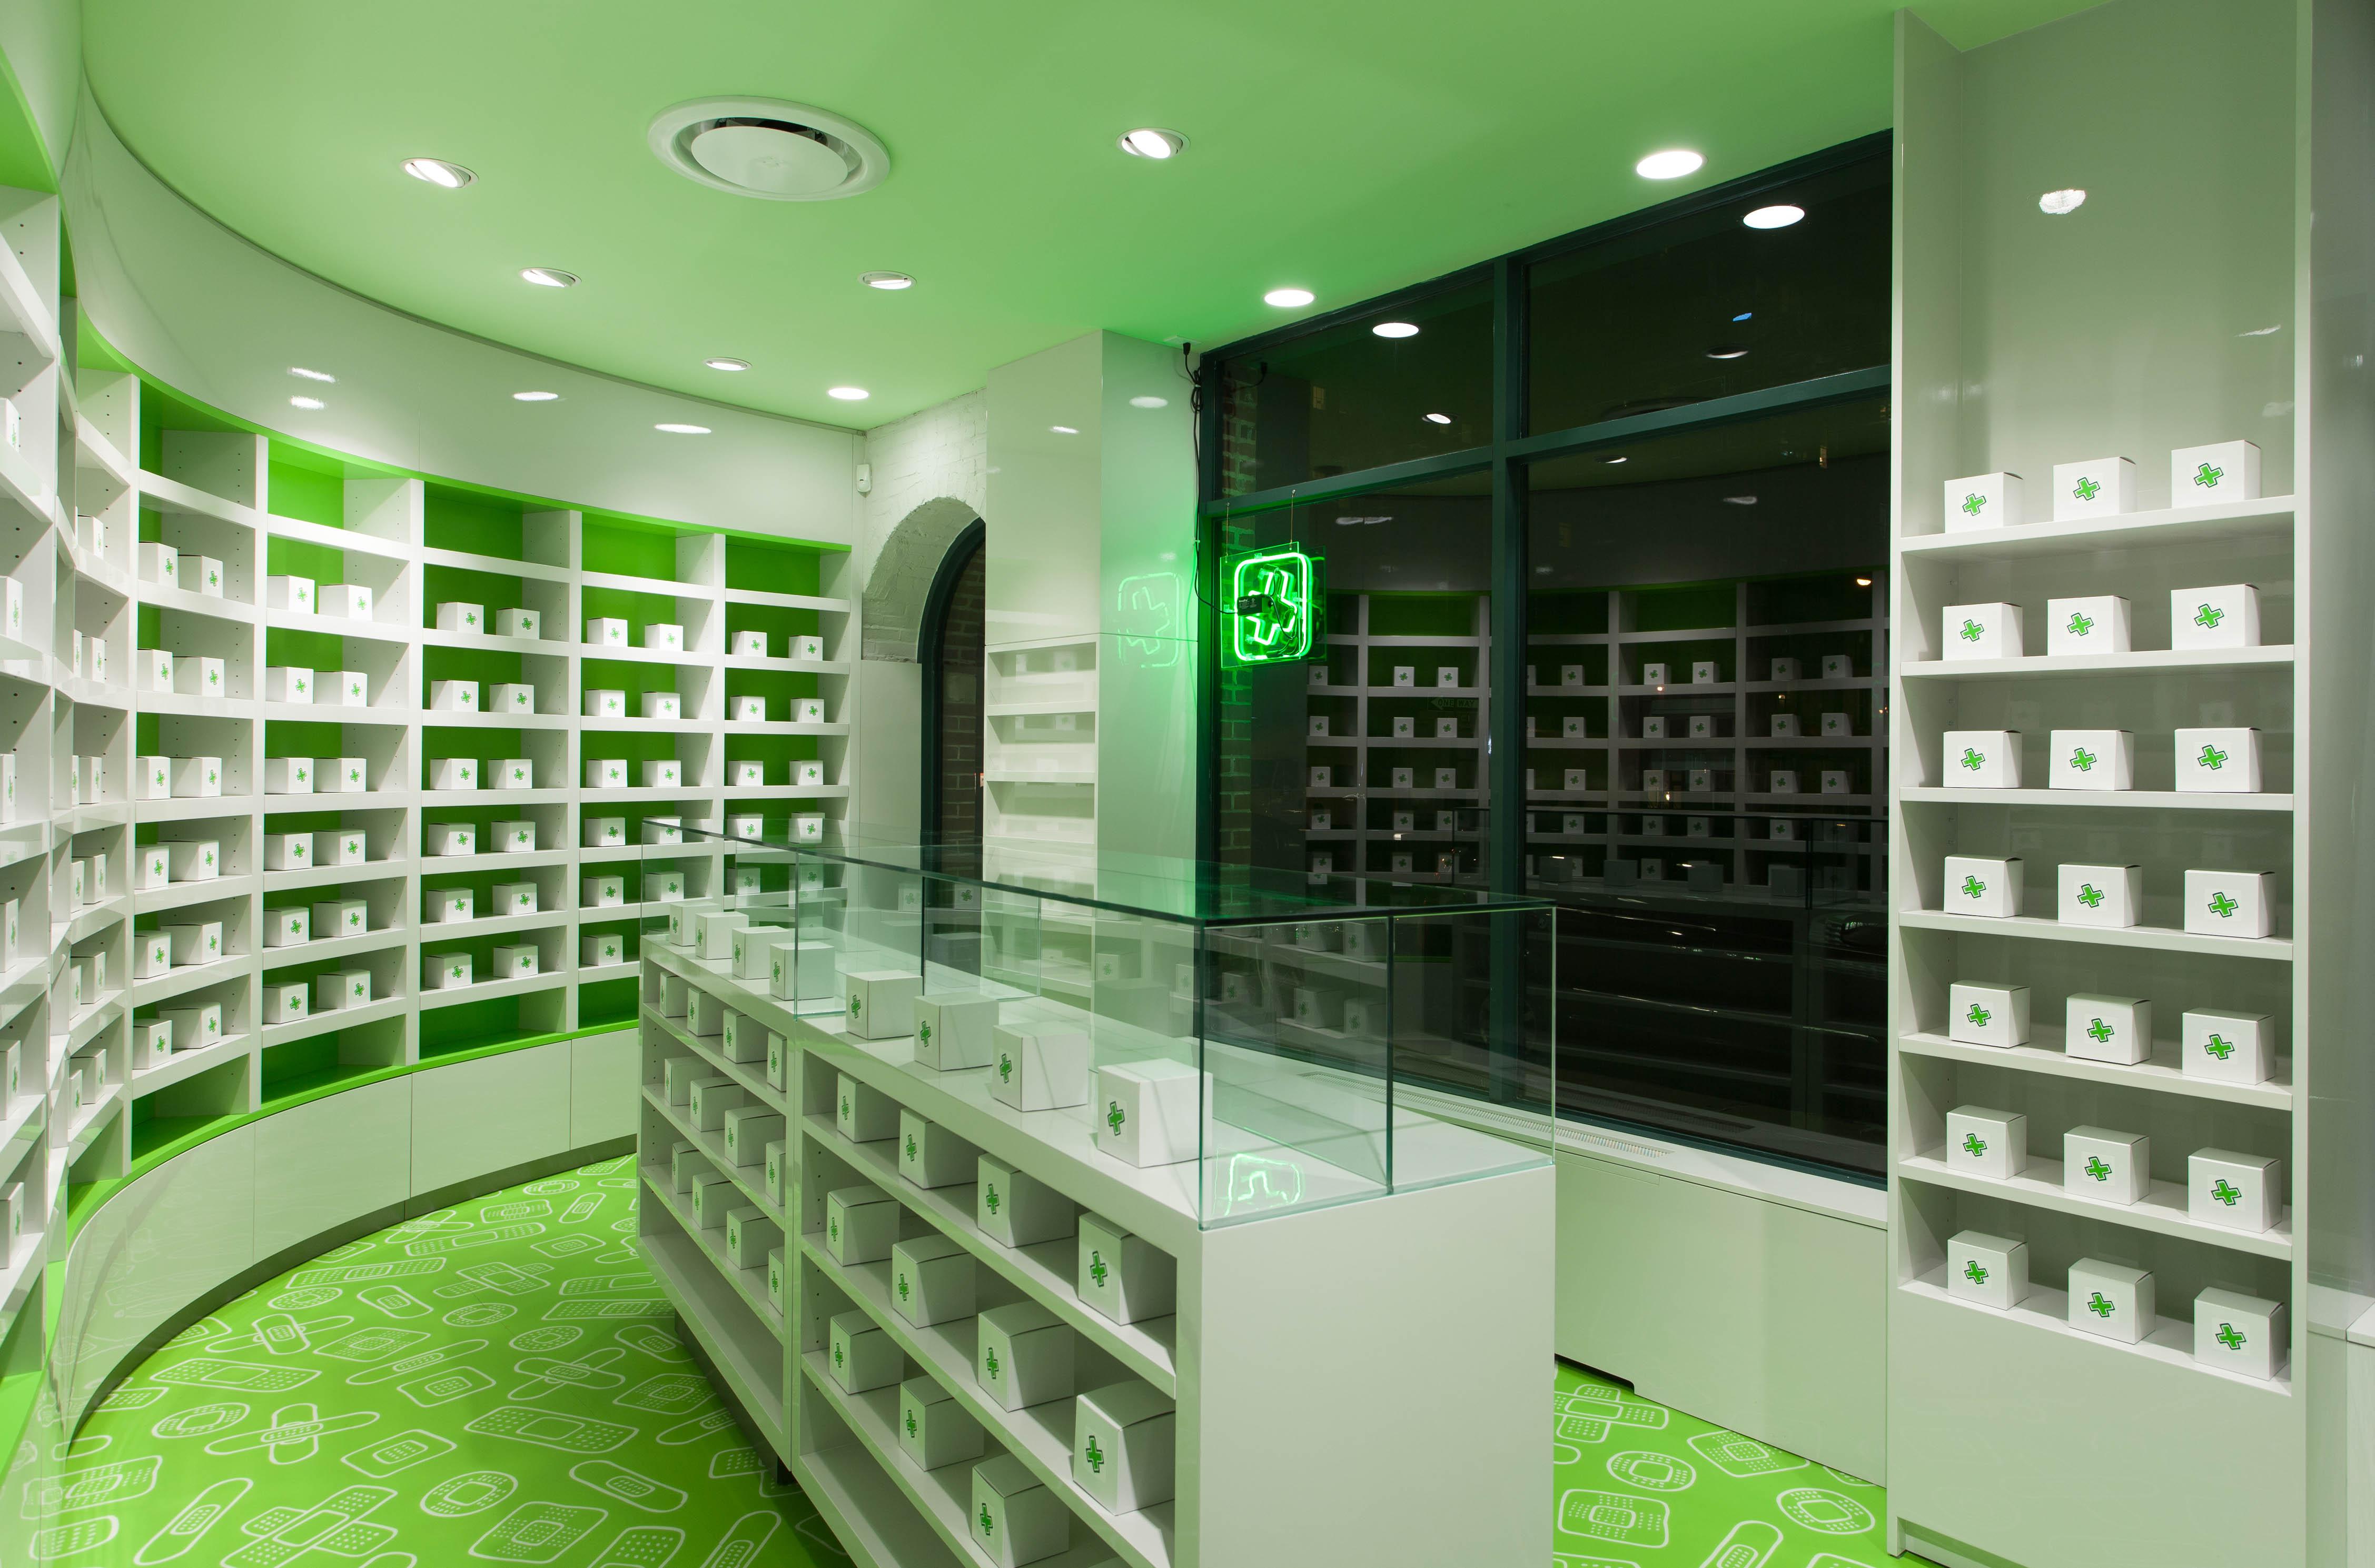 careland pharmacy pharmacy design ideas - Pharmacy Design Ideas